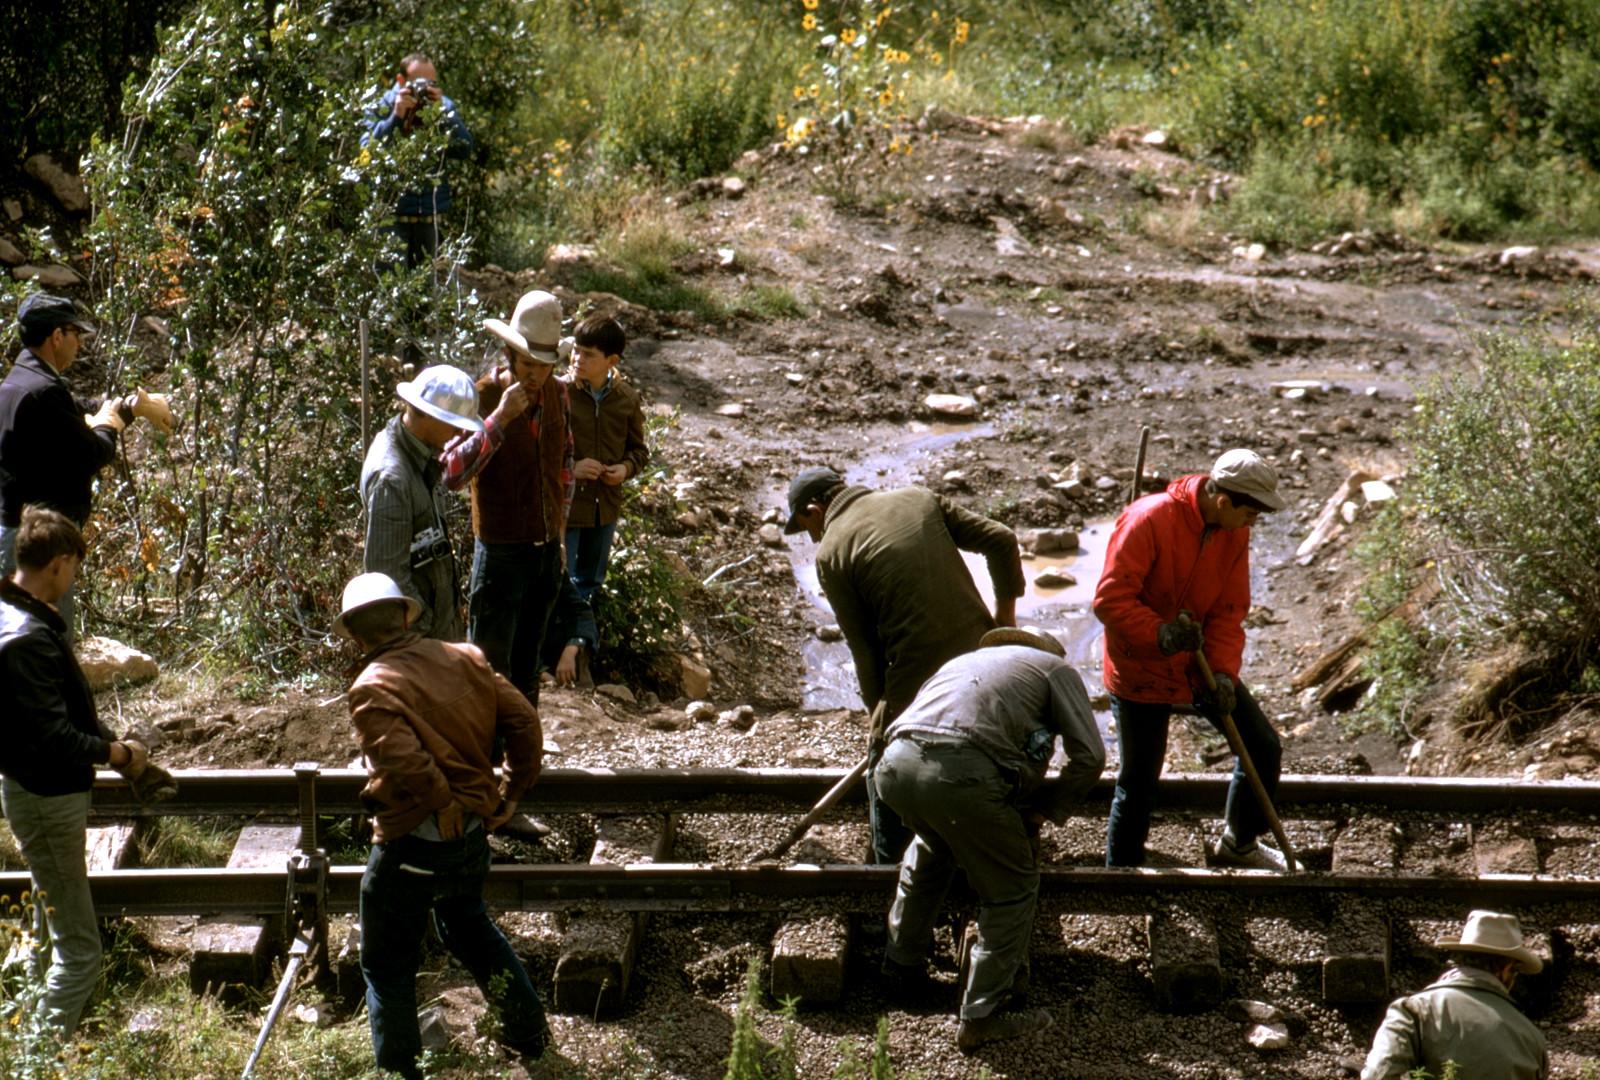 1970-09-06 C&TS Narrows s02.jpg